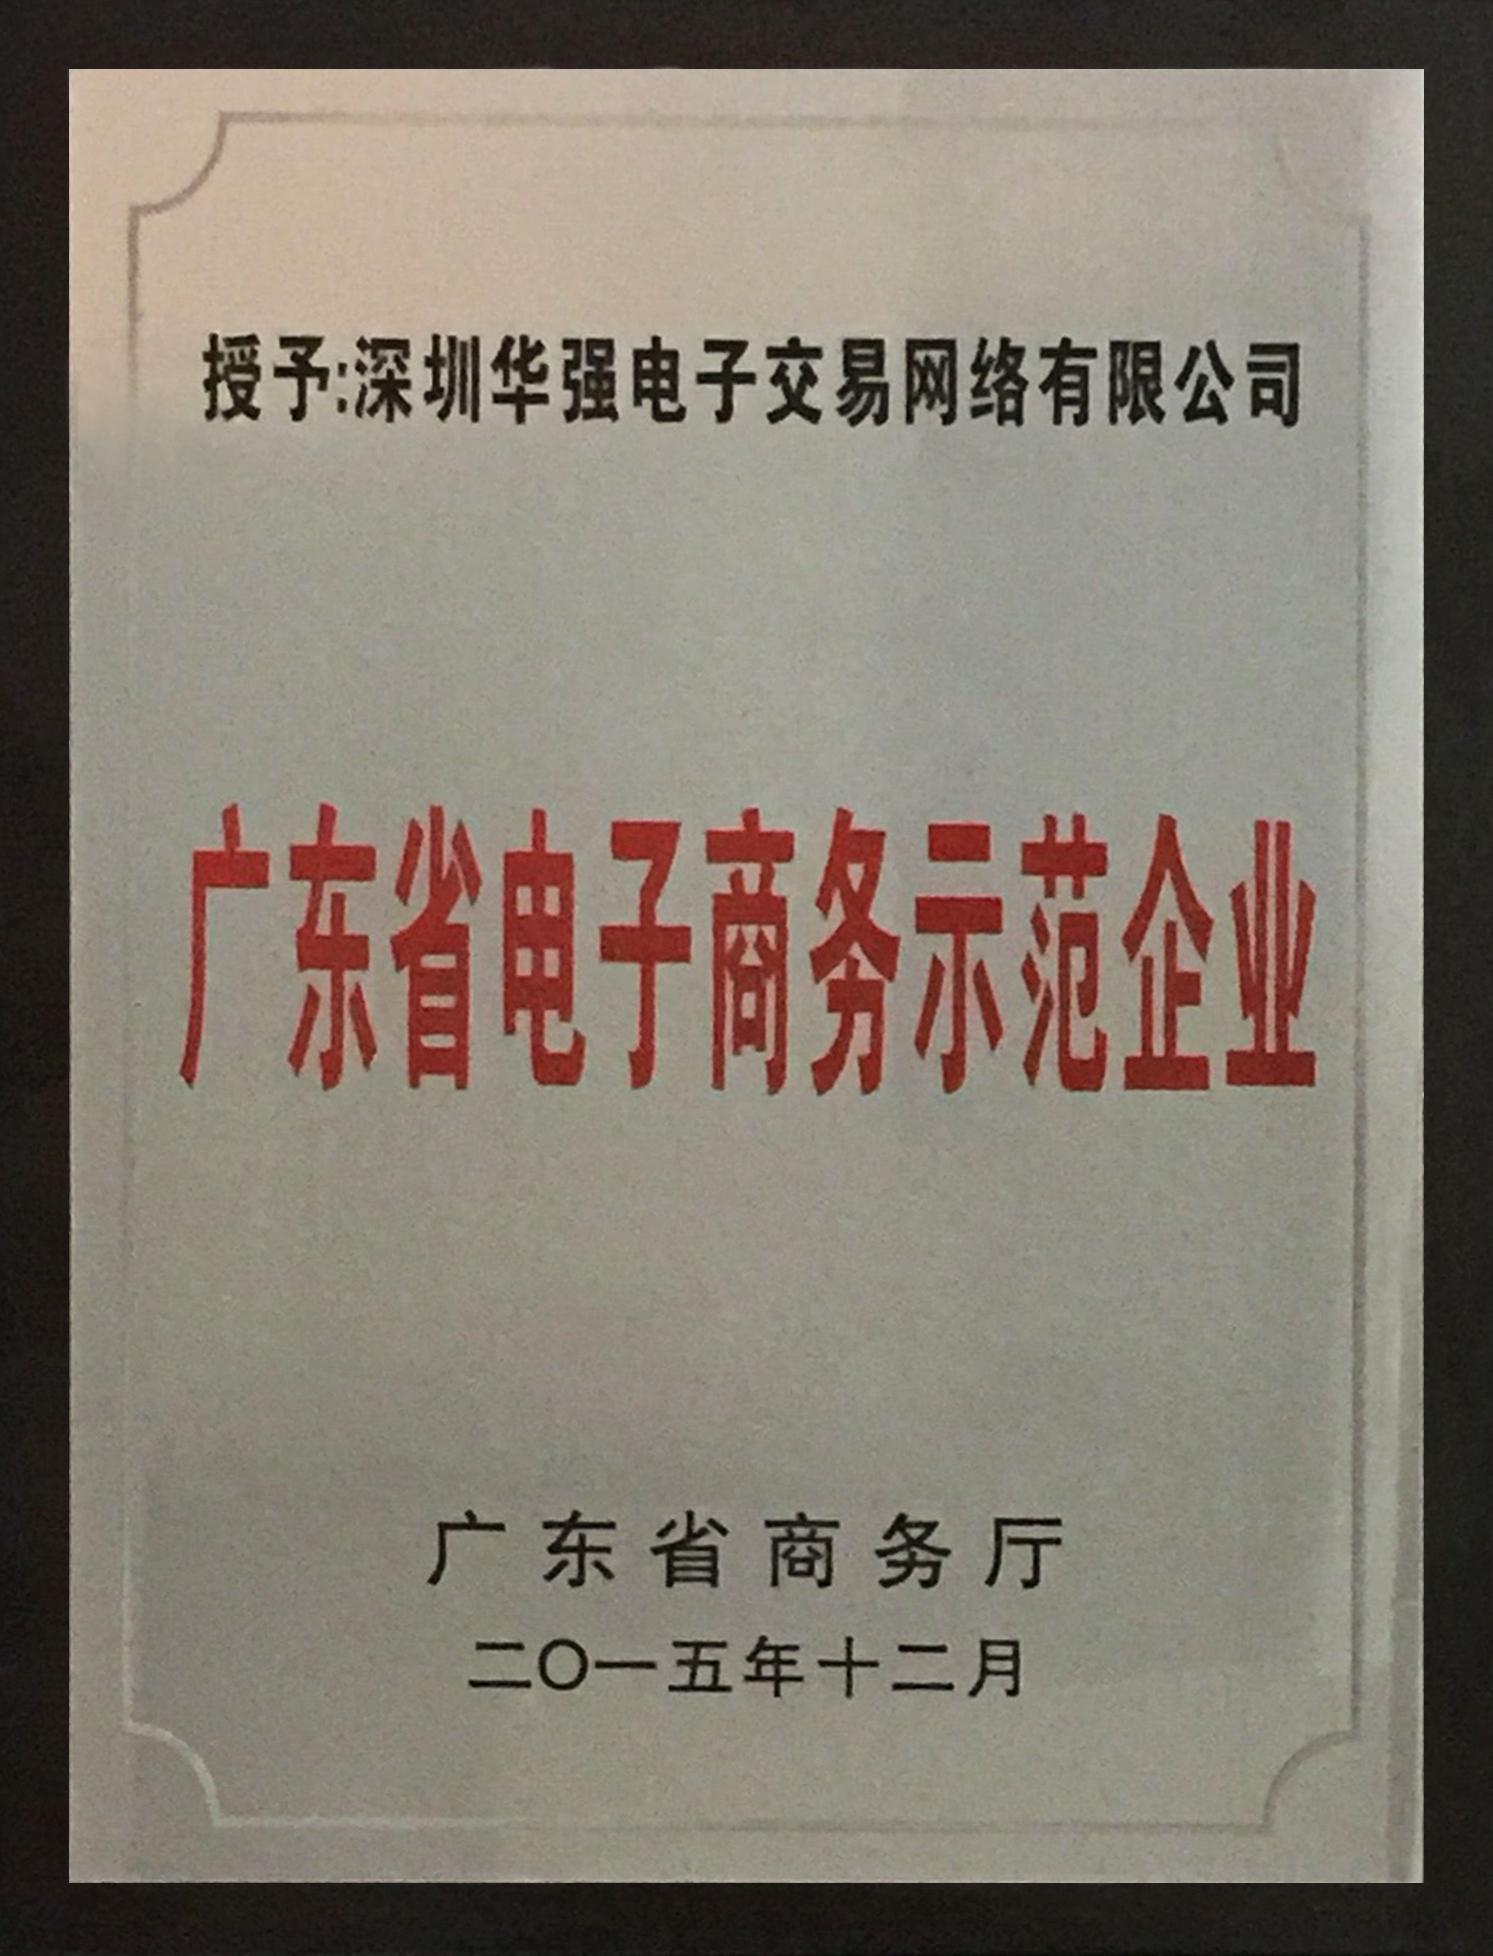 2015年度广东省电子商务示范企业